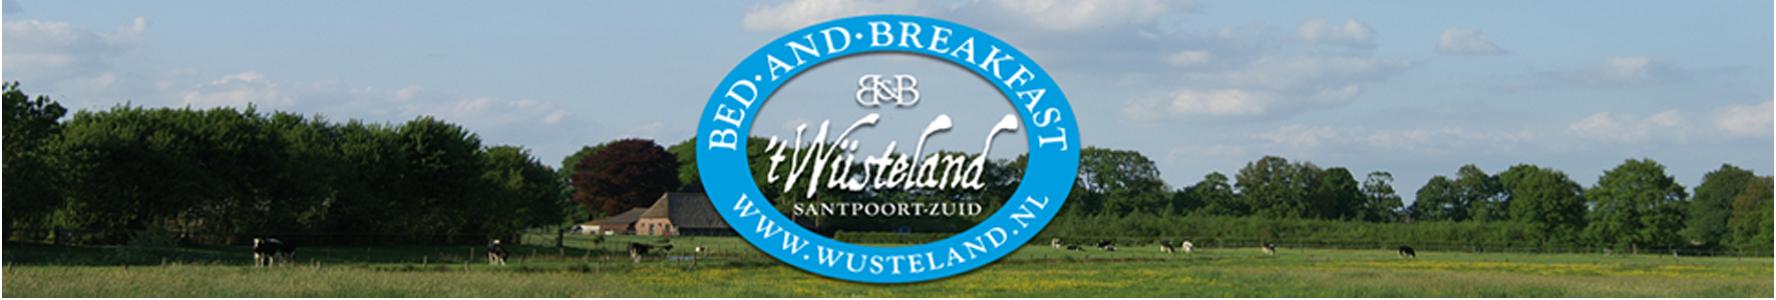 't Wusteland